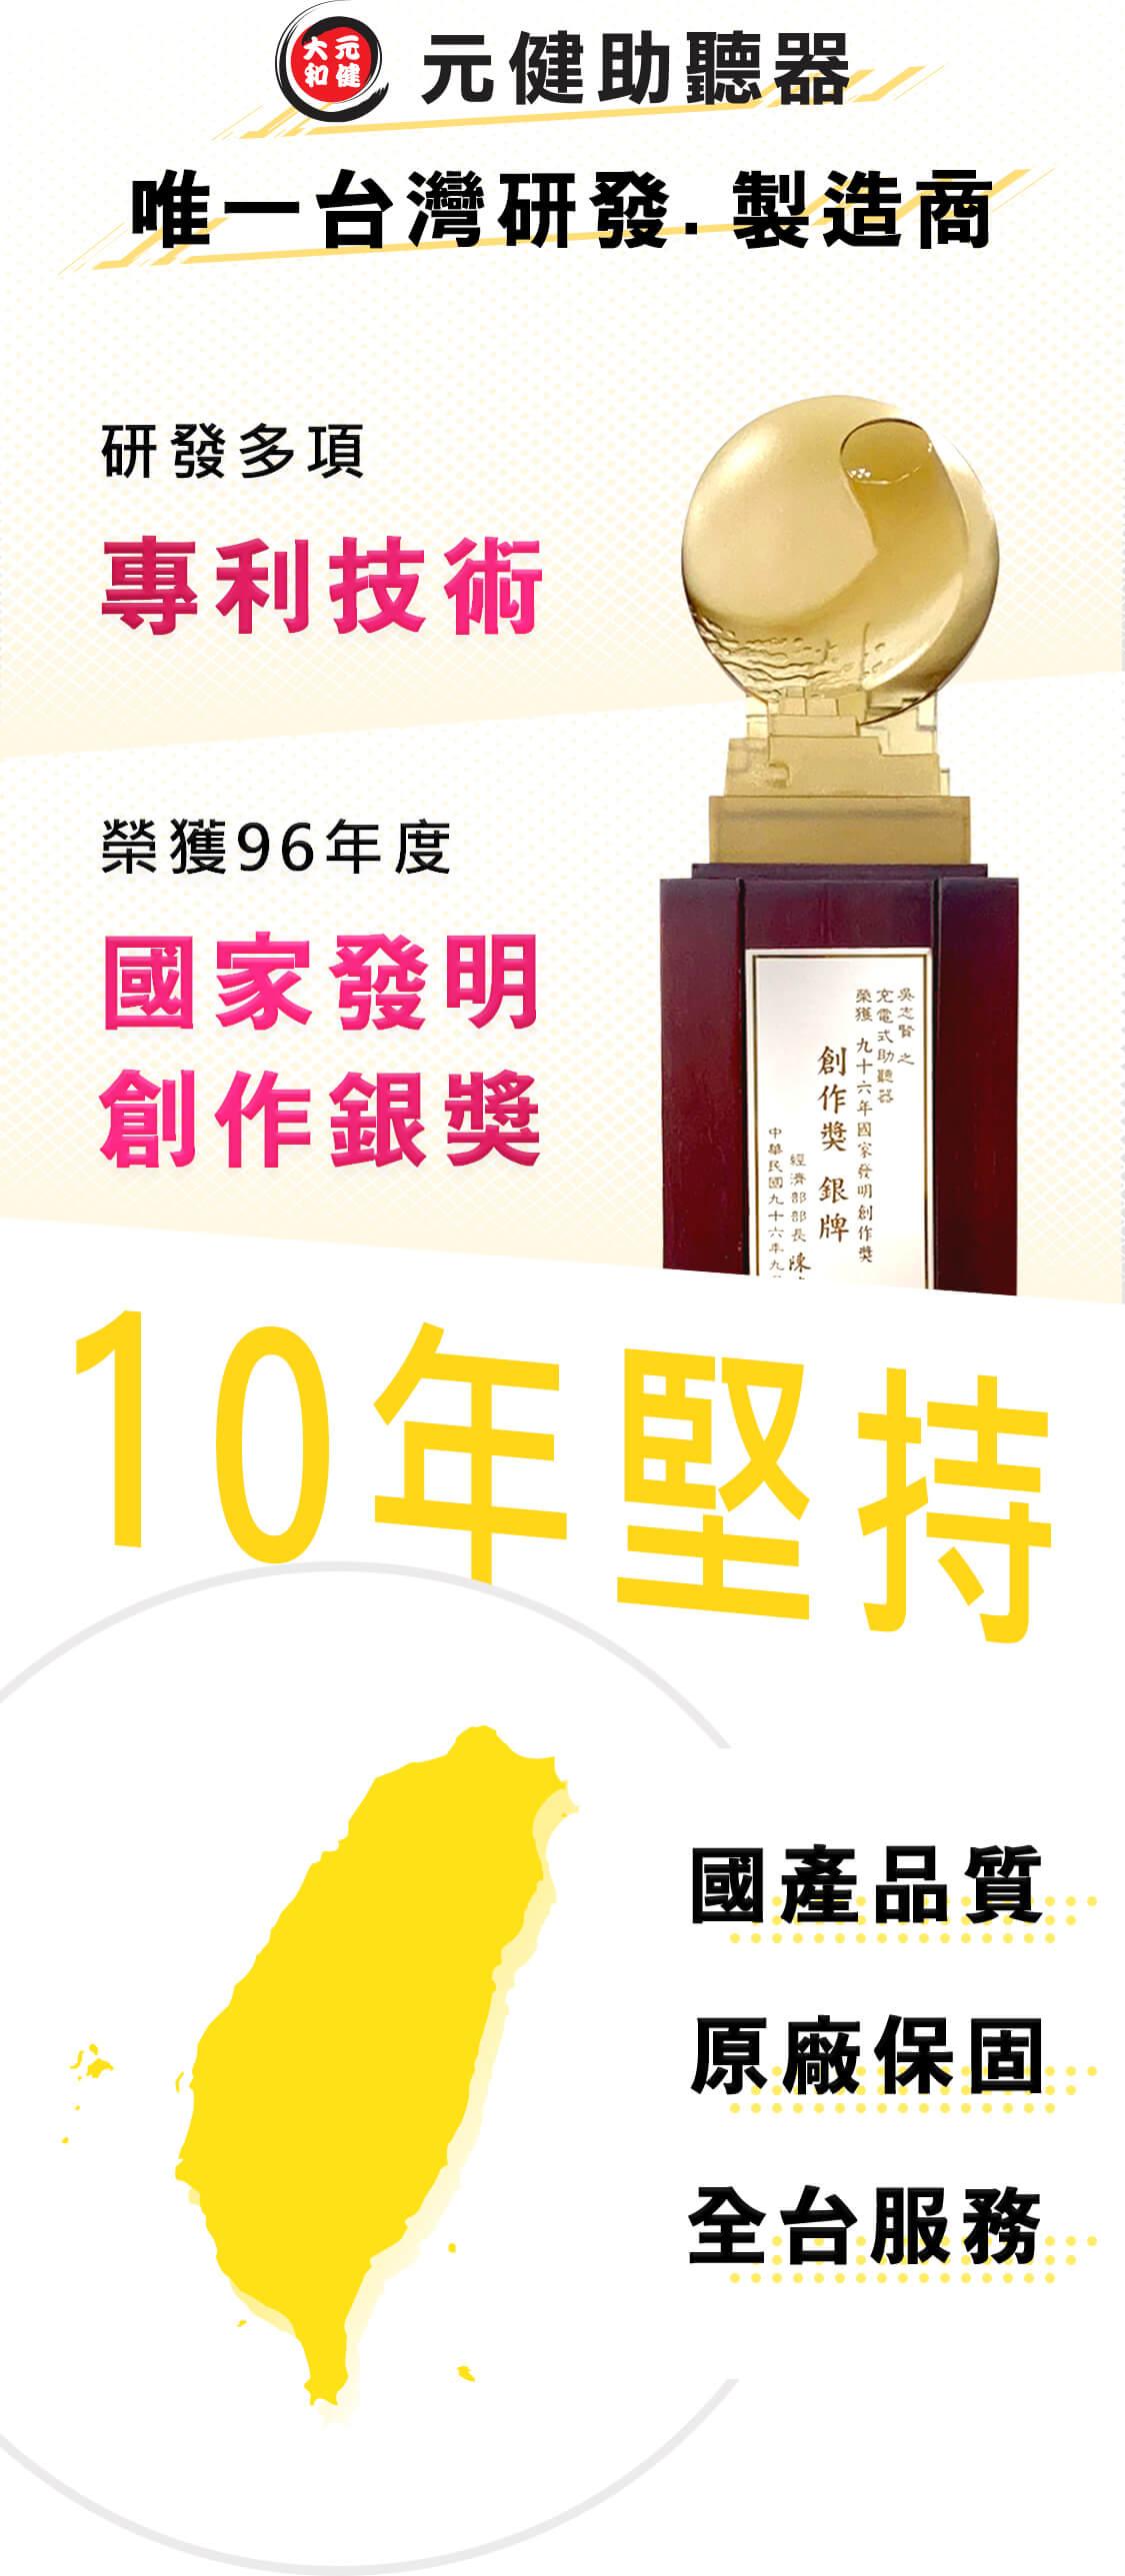 元健助聽器是台灣唯一自行研發、製造助聽器的品牌擁有多項專利技術並榮獲96年度國家創新發明研究獎